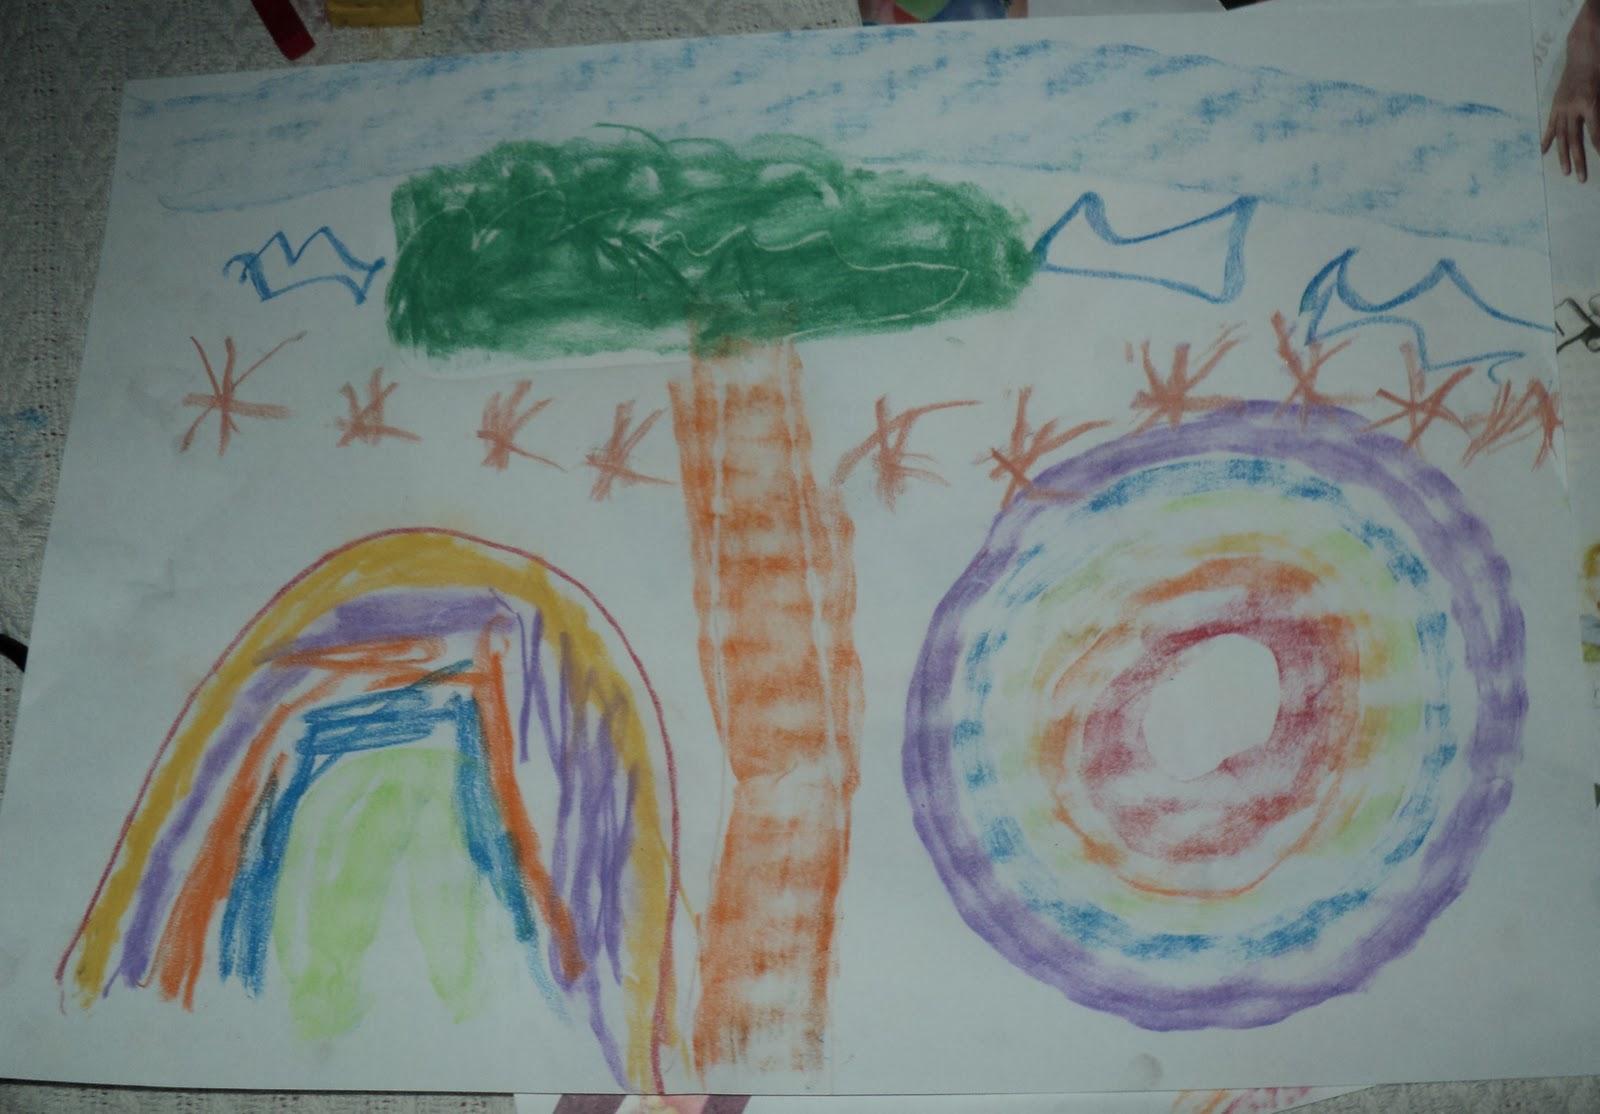 aaliyah rainbow